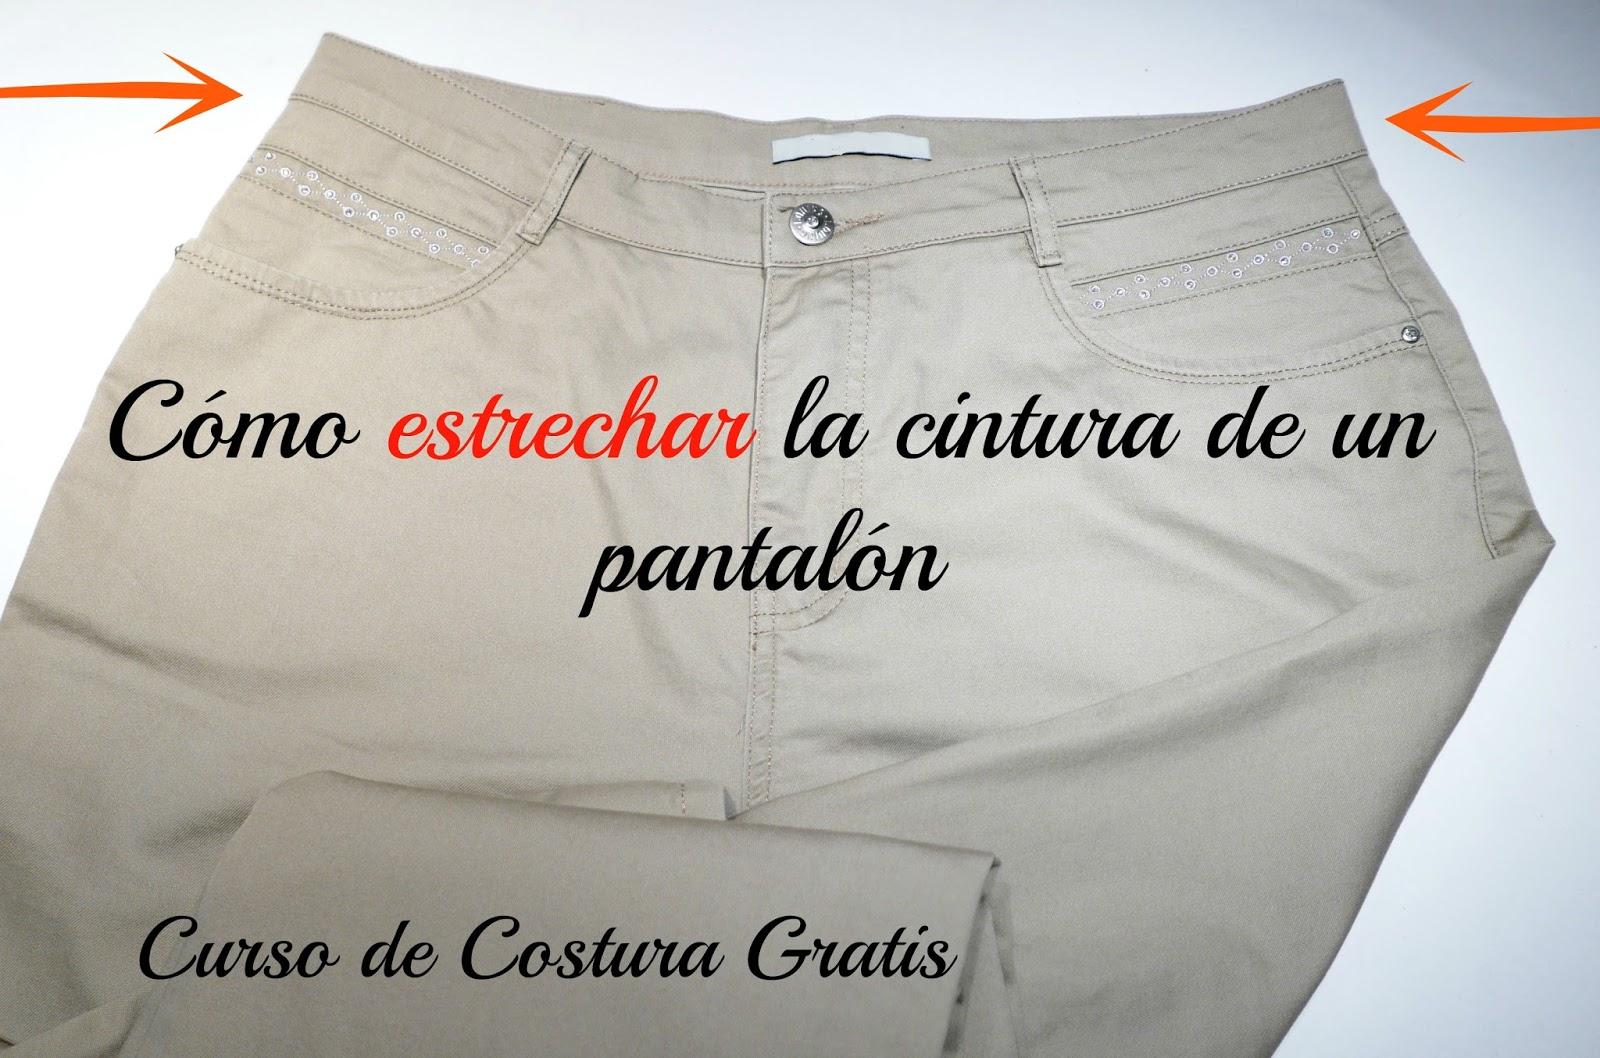 Curso de Costura Gratis: Cómo estrechar la cintura de un pantalón ...